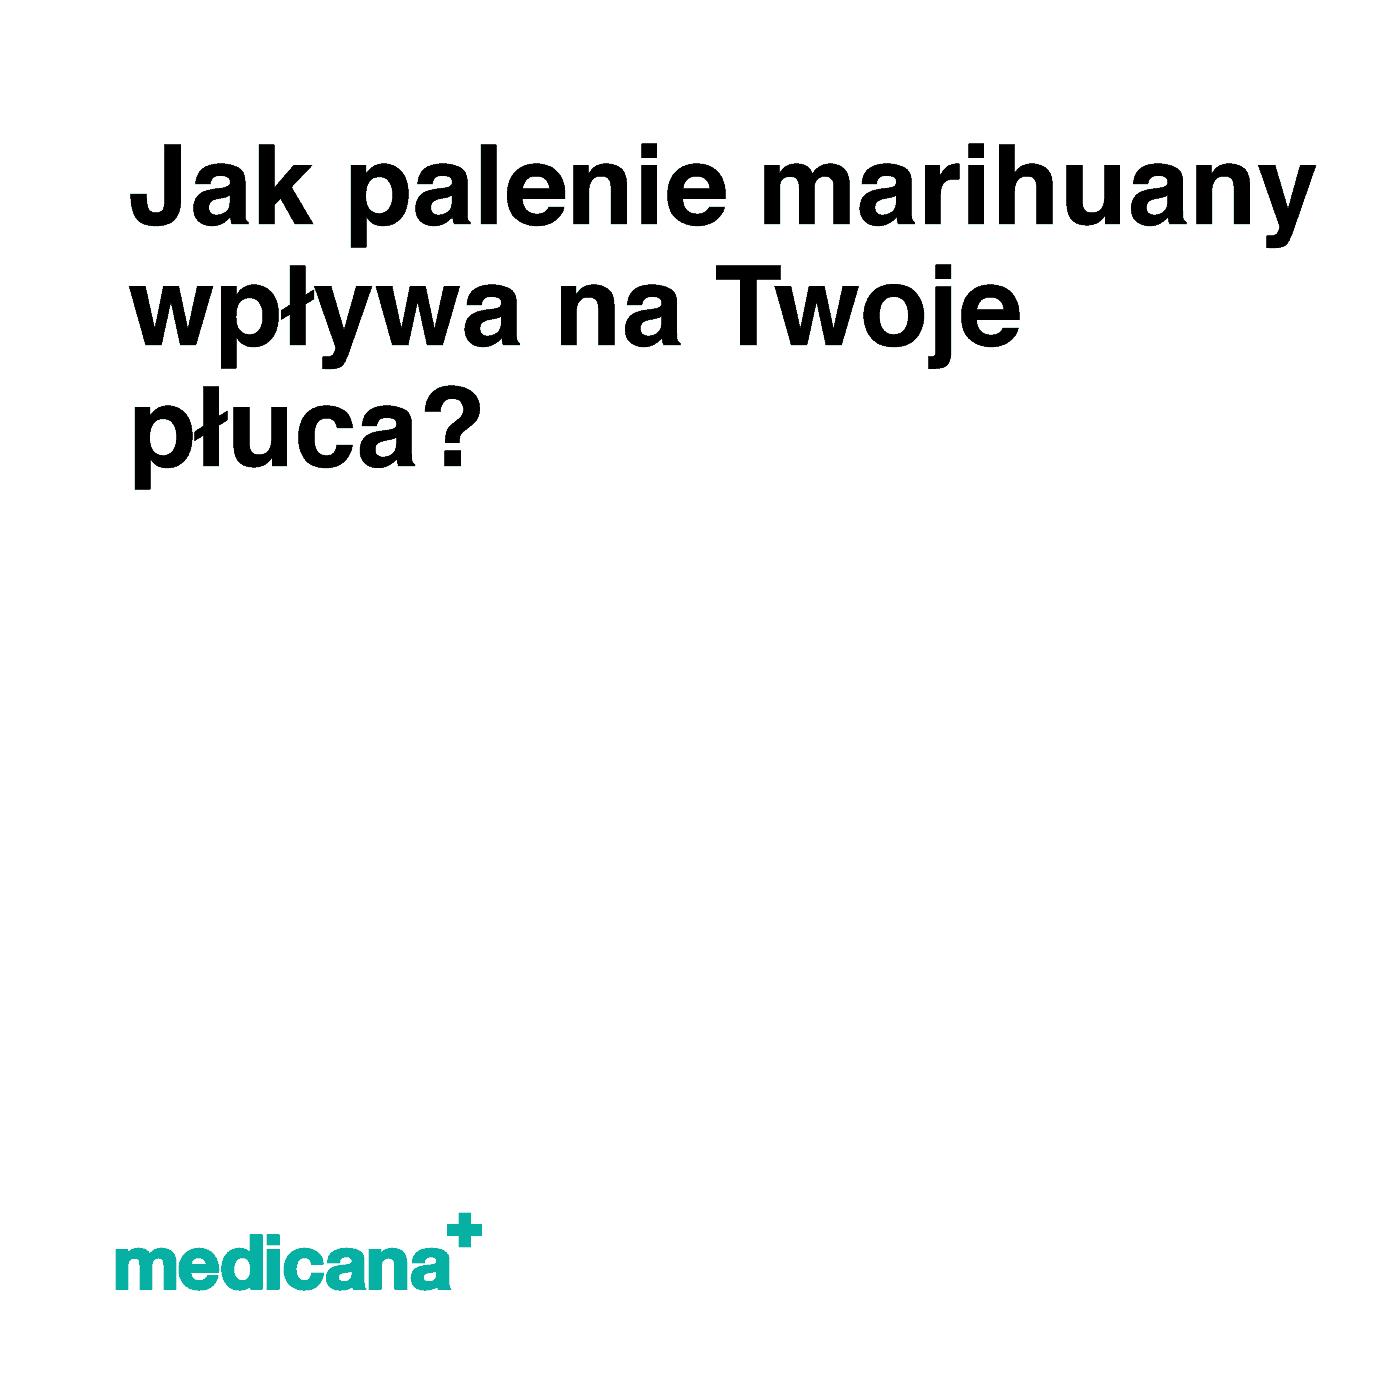 Grafika, na białym tle czarny napis: Jak palenie marihuany wpływa na Twoje płuca? oraz zielone logo medicana w lewym dolnym rogu.